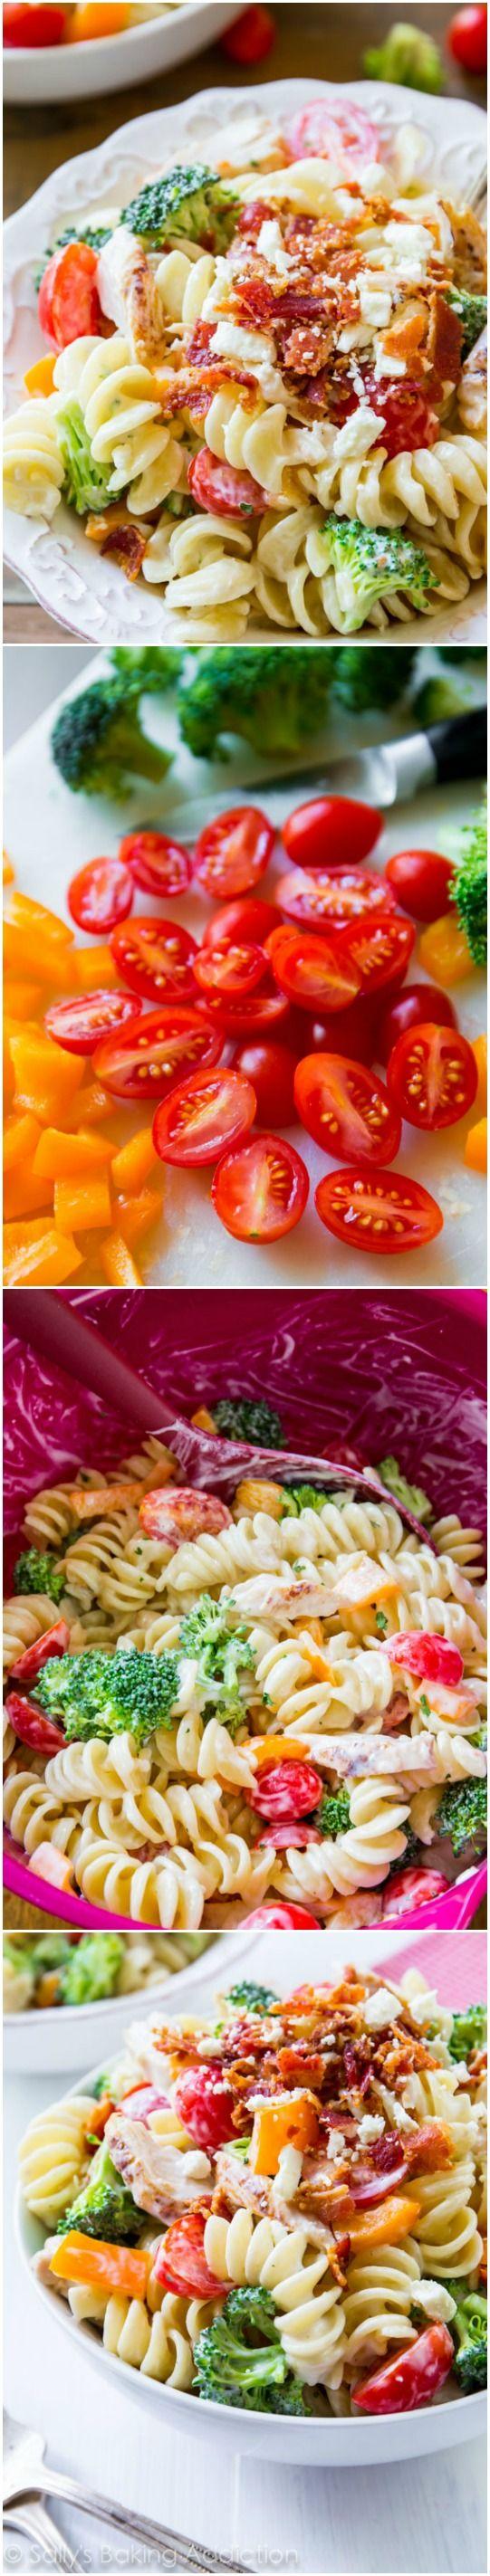 Creamy Chicken Pasta Salad   comidas y bebidas   Pinterest ...